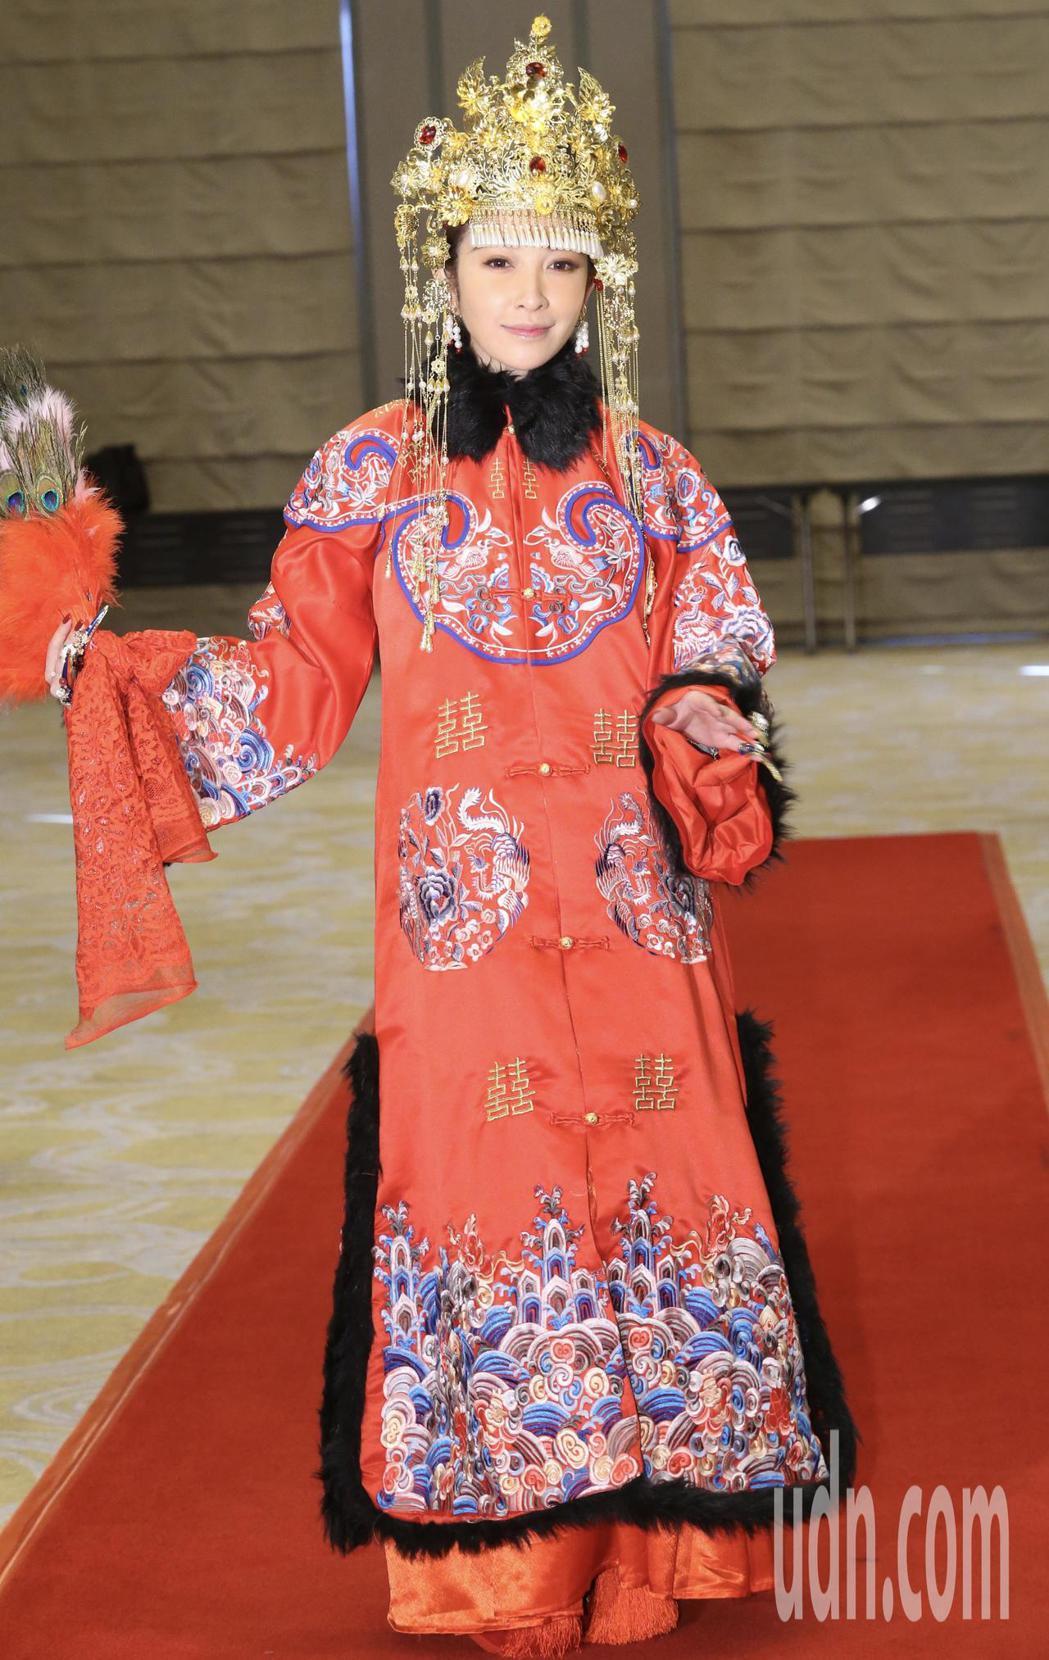 藝人許維恩加盟新東家,以古典嫁衣裳出場,象徵嫁入新公司。記者許正宏/攝影